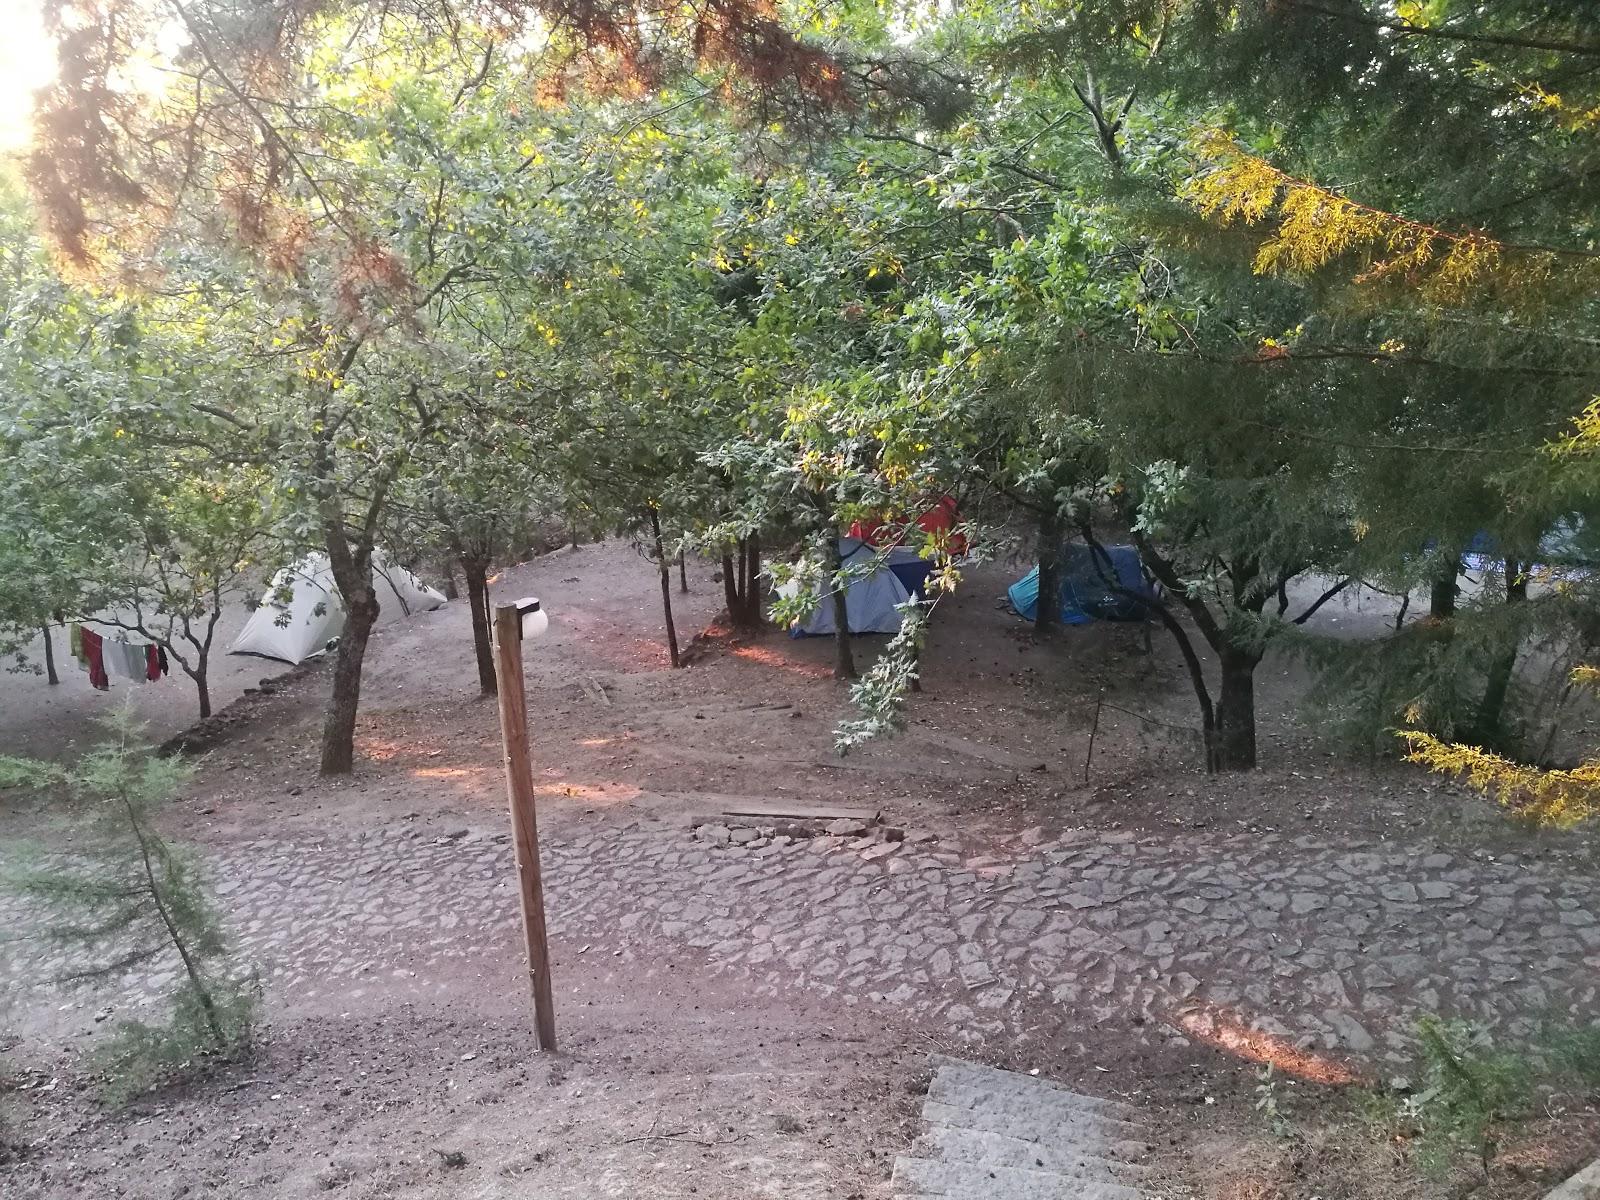 BioParque - Parque Florestal do Pisão